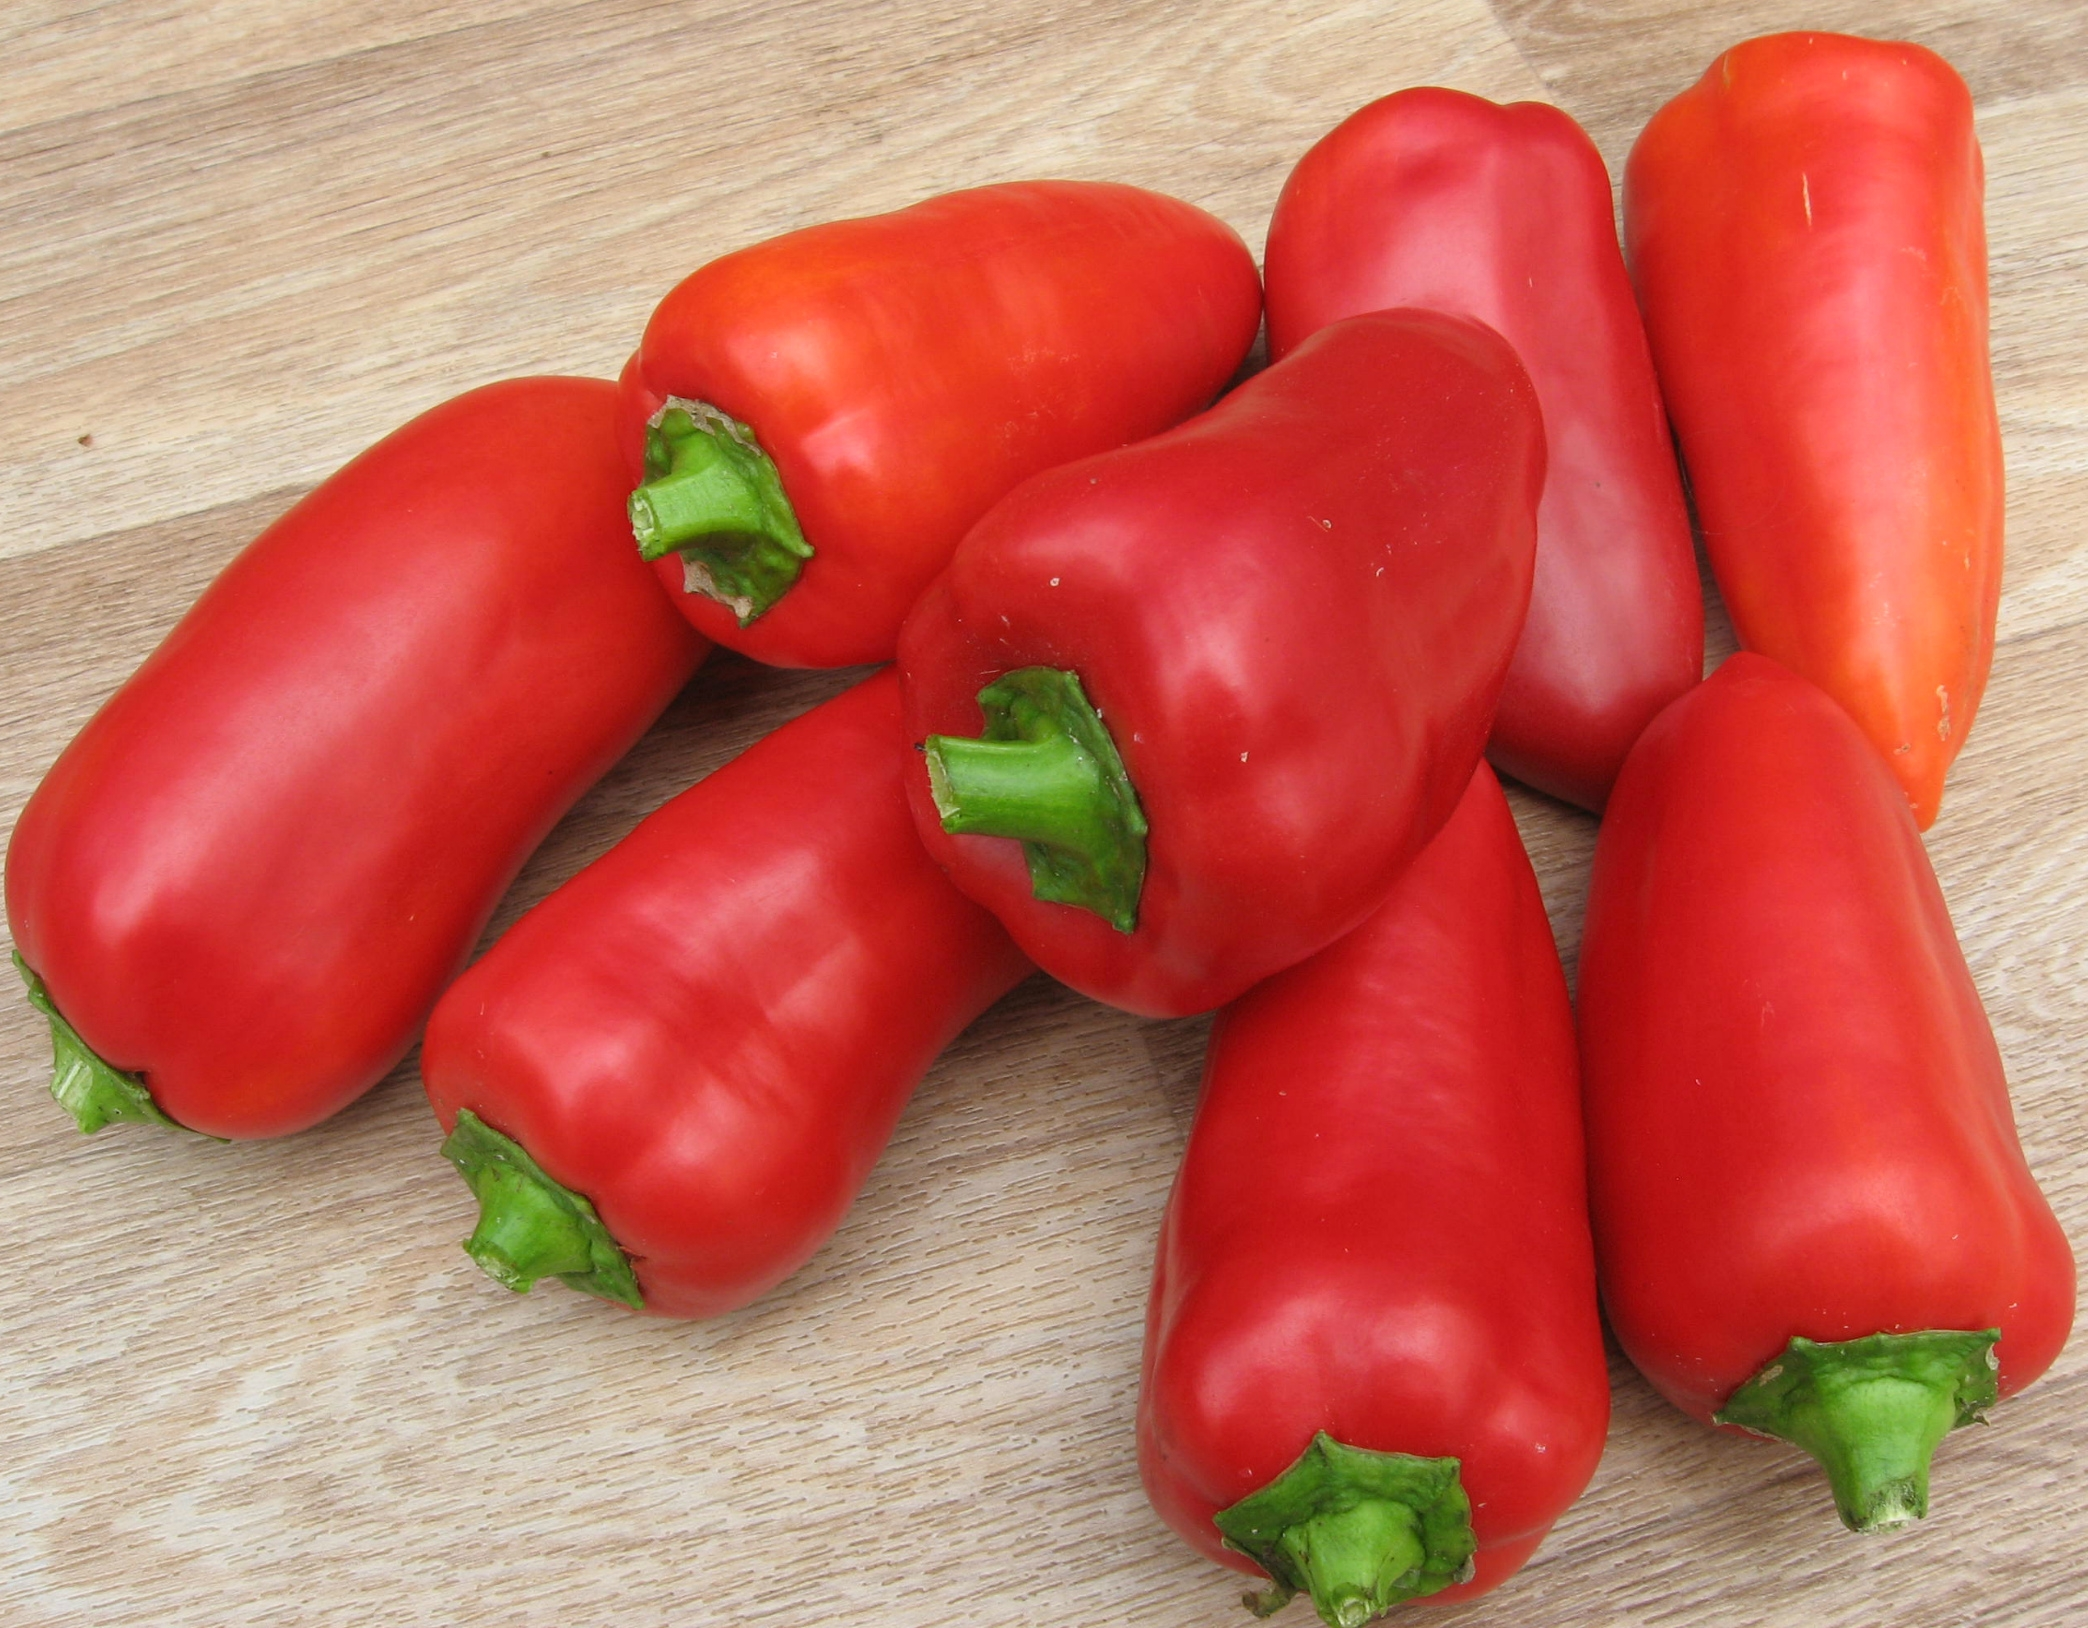 Сладкий перец Винни-Пух: способы выращивания, отзывы, фото